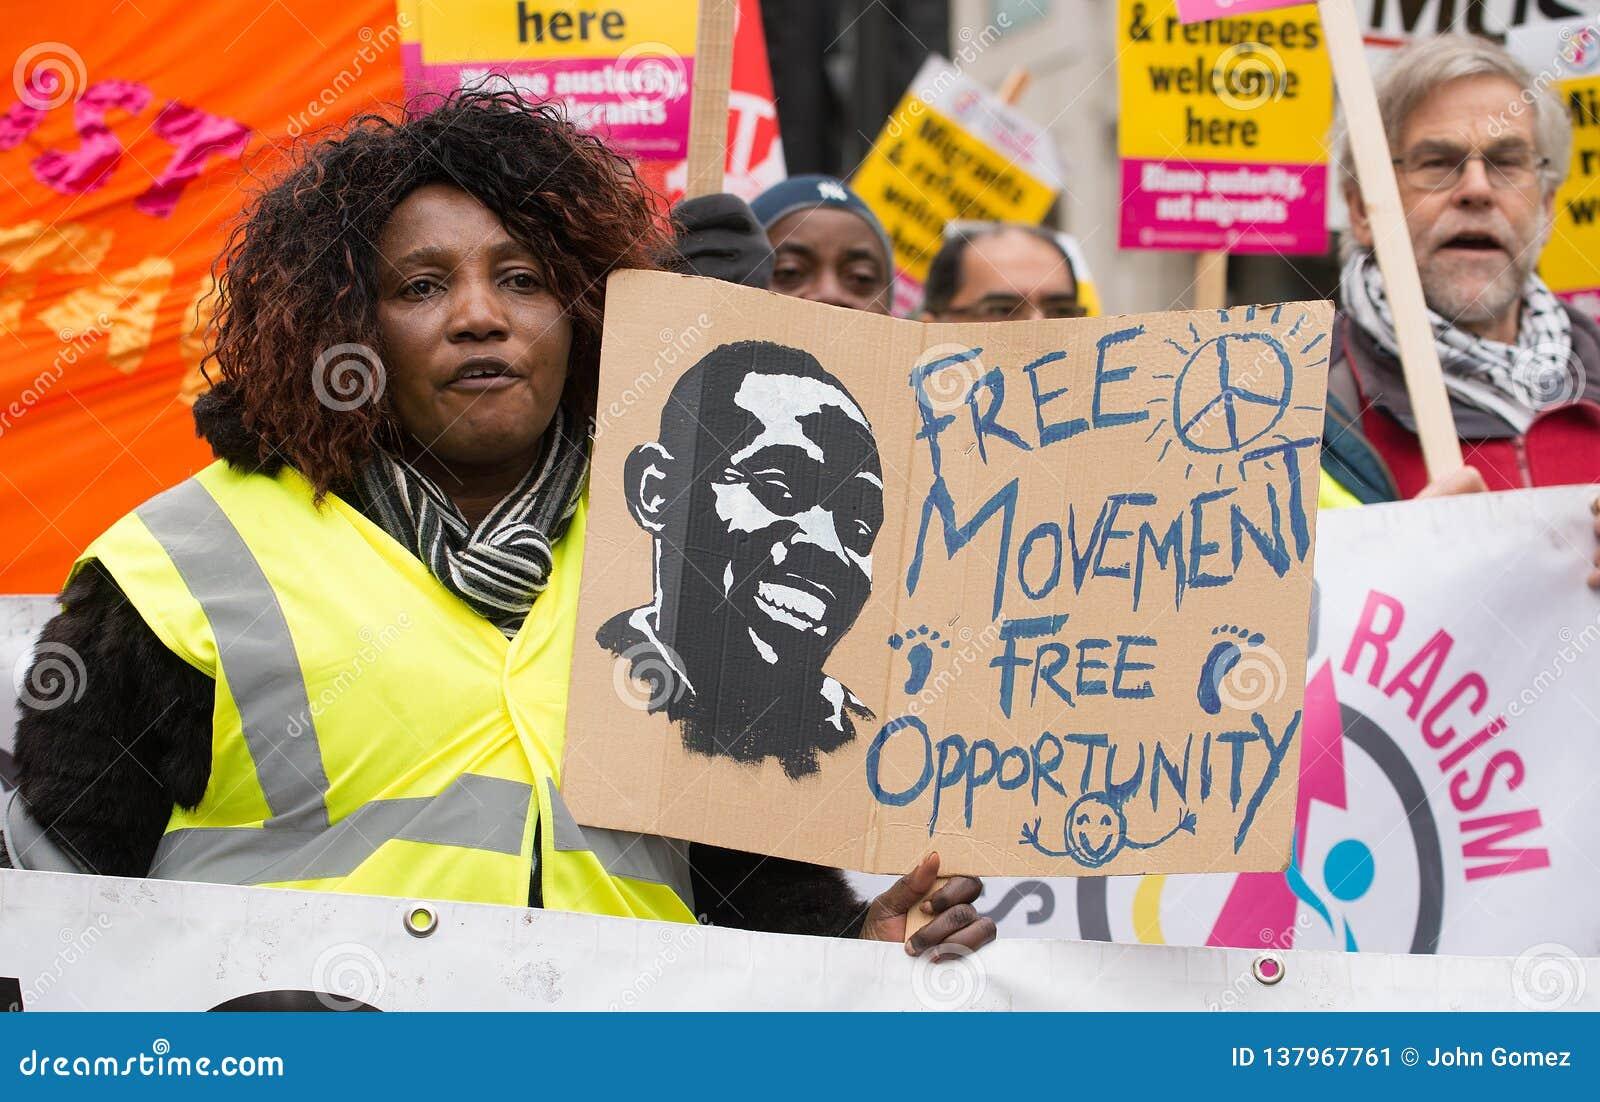 Le protestataire avec l affiche chez la Grande-Bretagne est cassé/élection général demonstratio maintenant à Londres